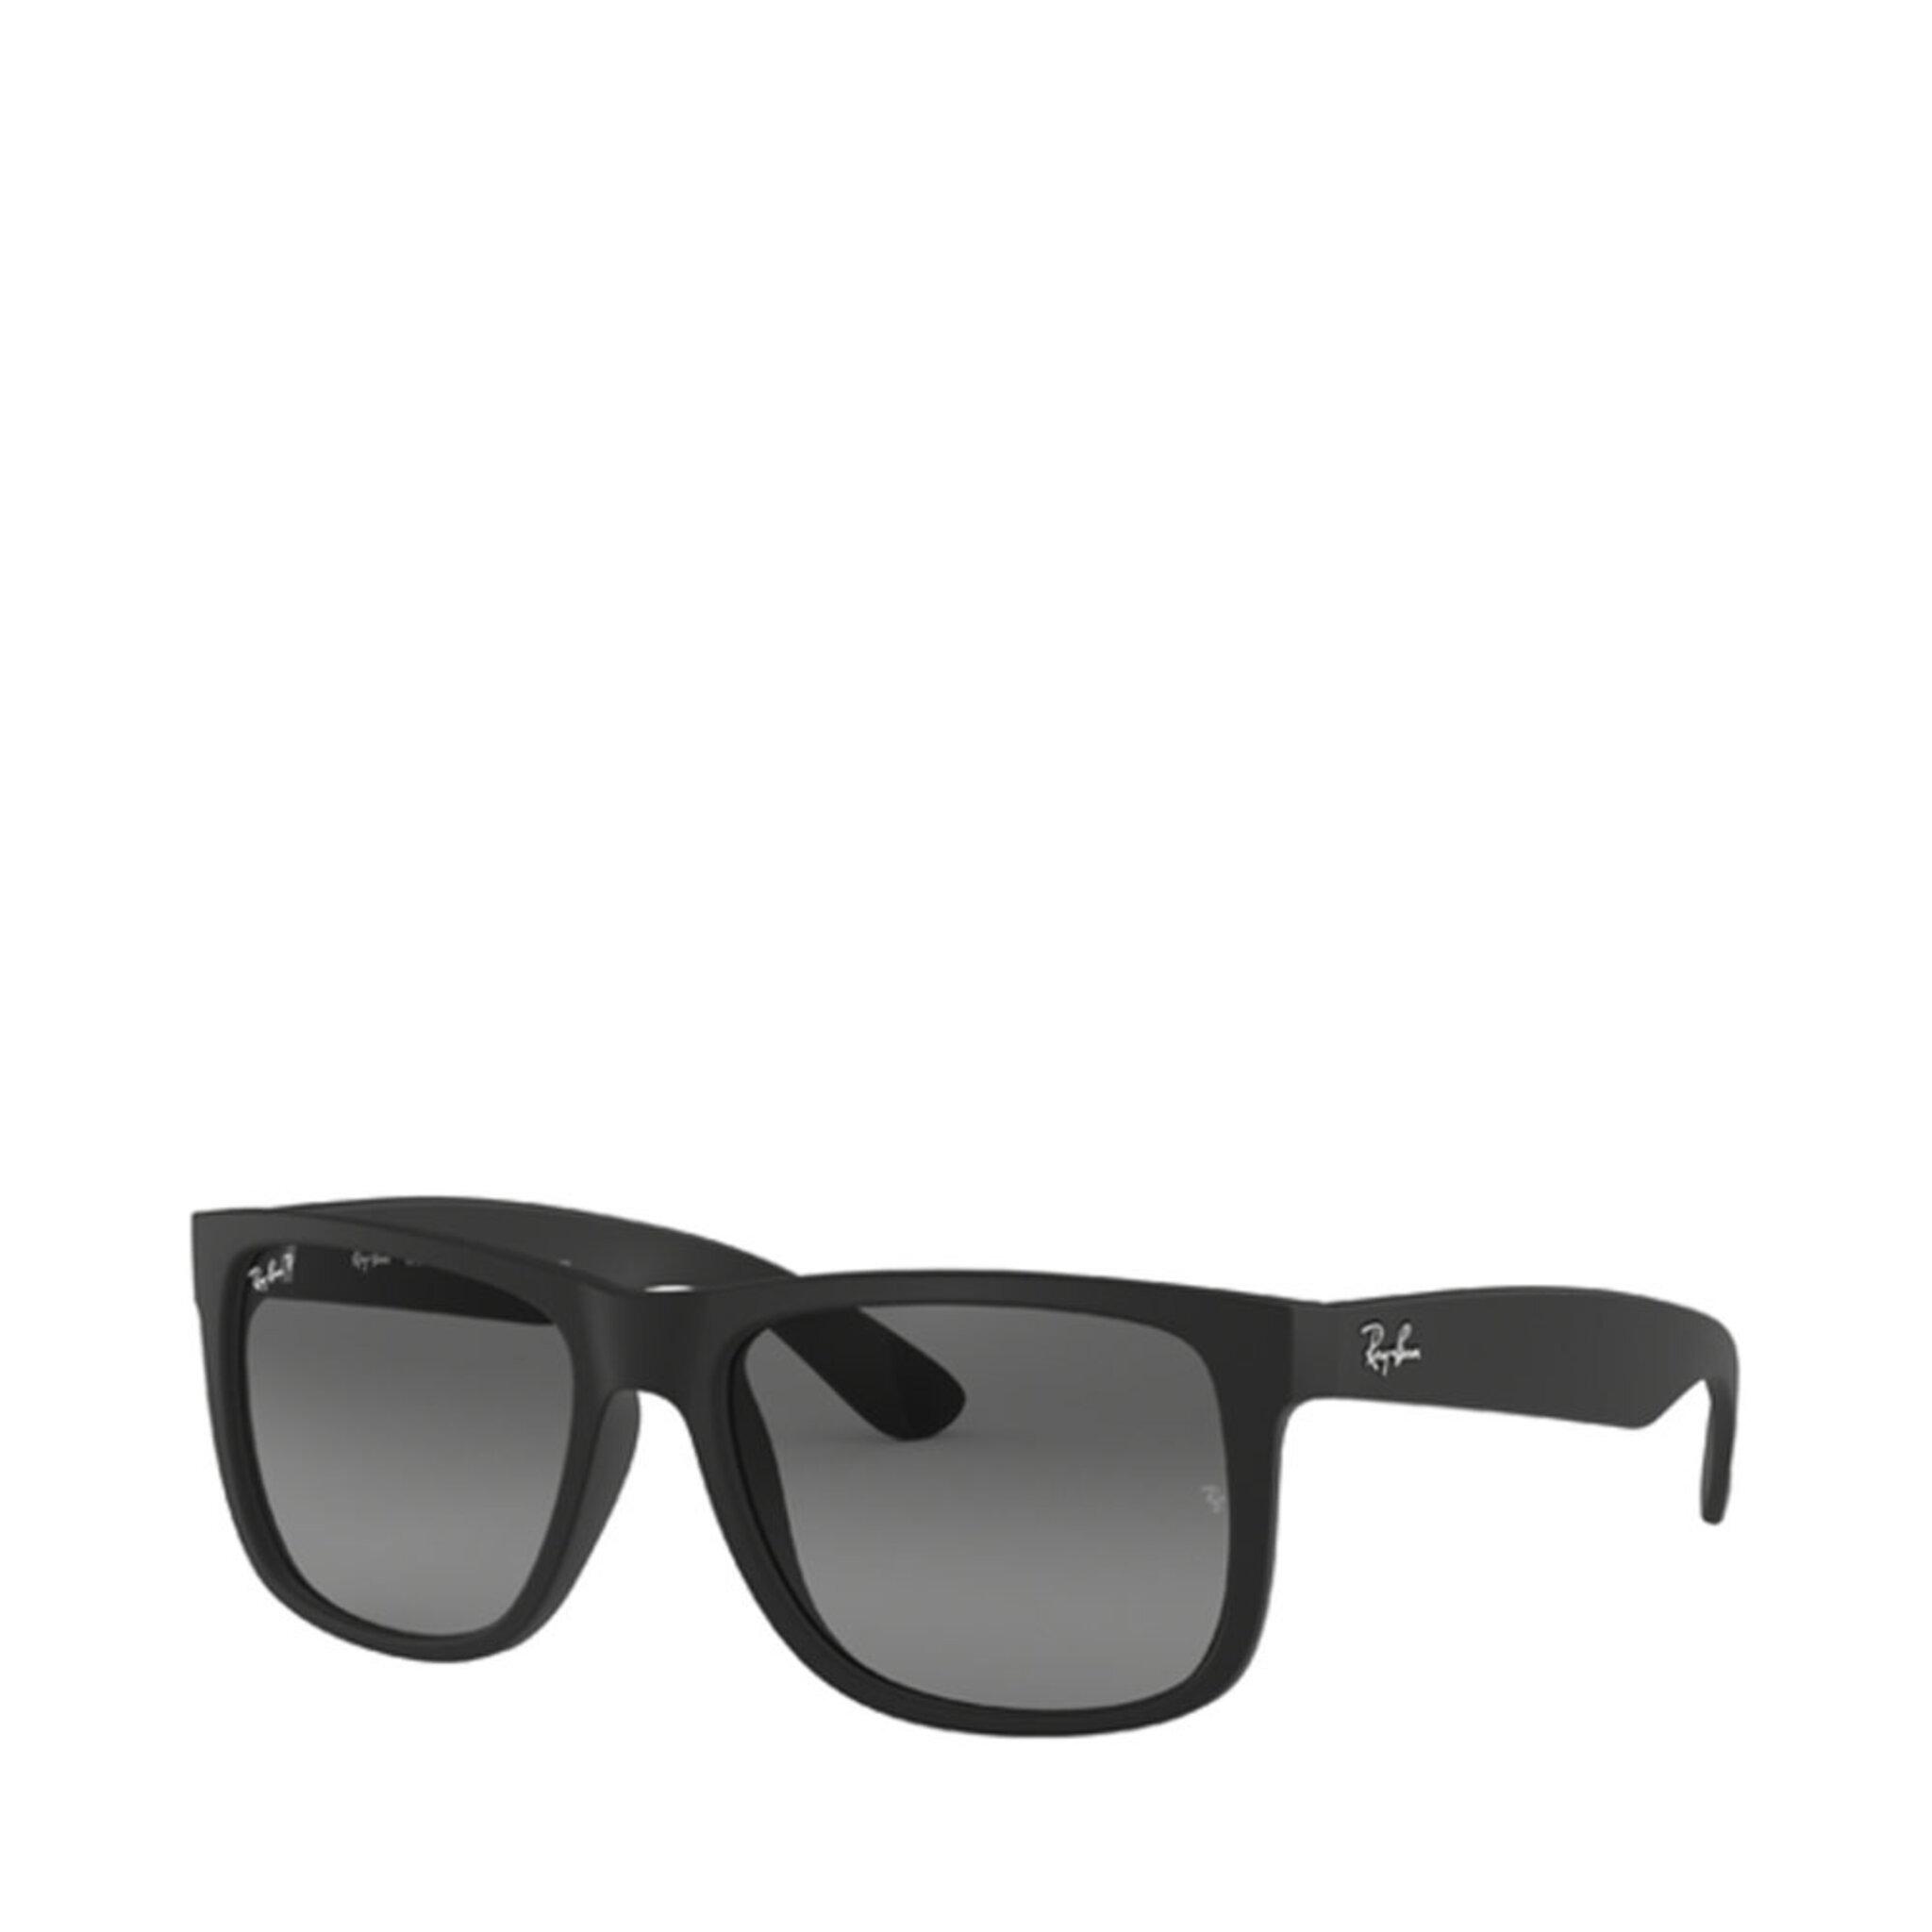 Sunglasses RB4165, 55